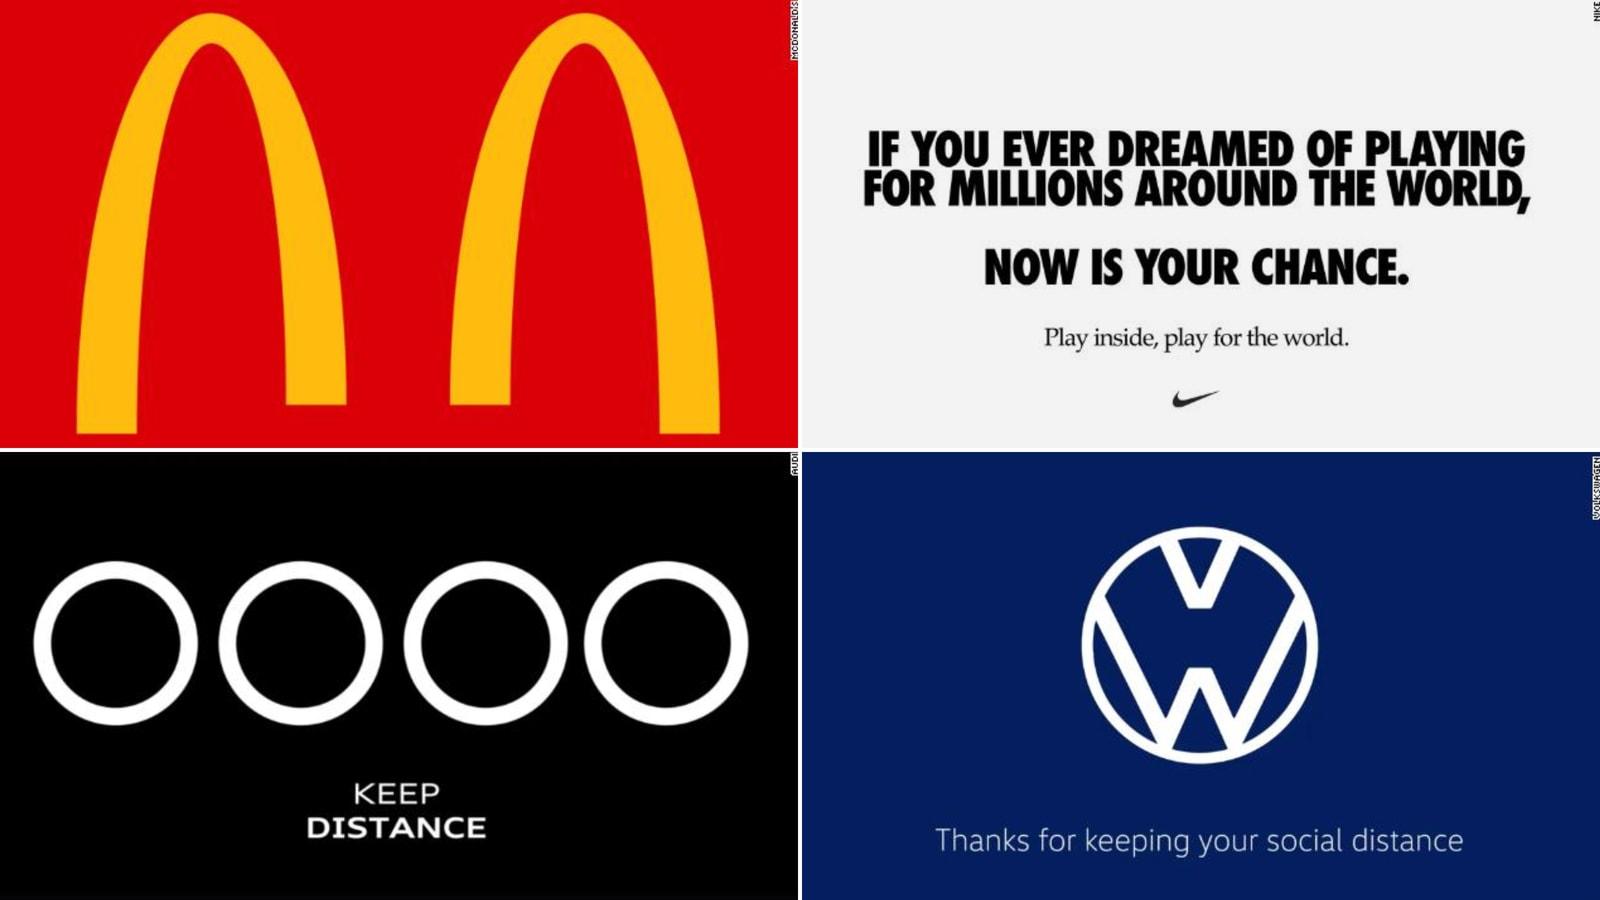 من بينها ماكدونالدز وأودي وفولكسفاغن.. علامات تجارية تغير شعاراتها لتشجيع التباعد الاجتماعي